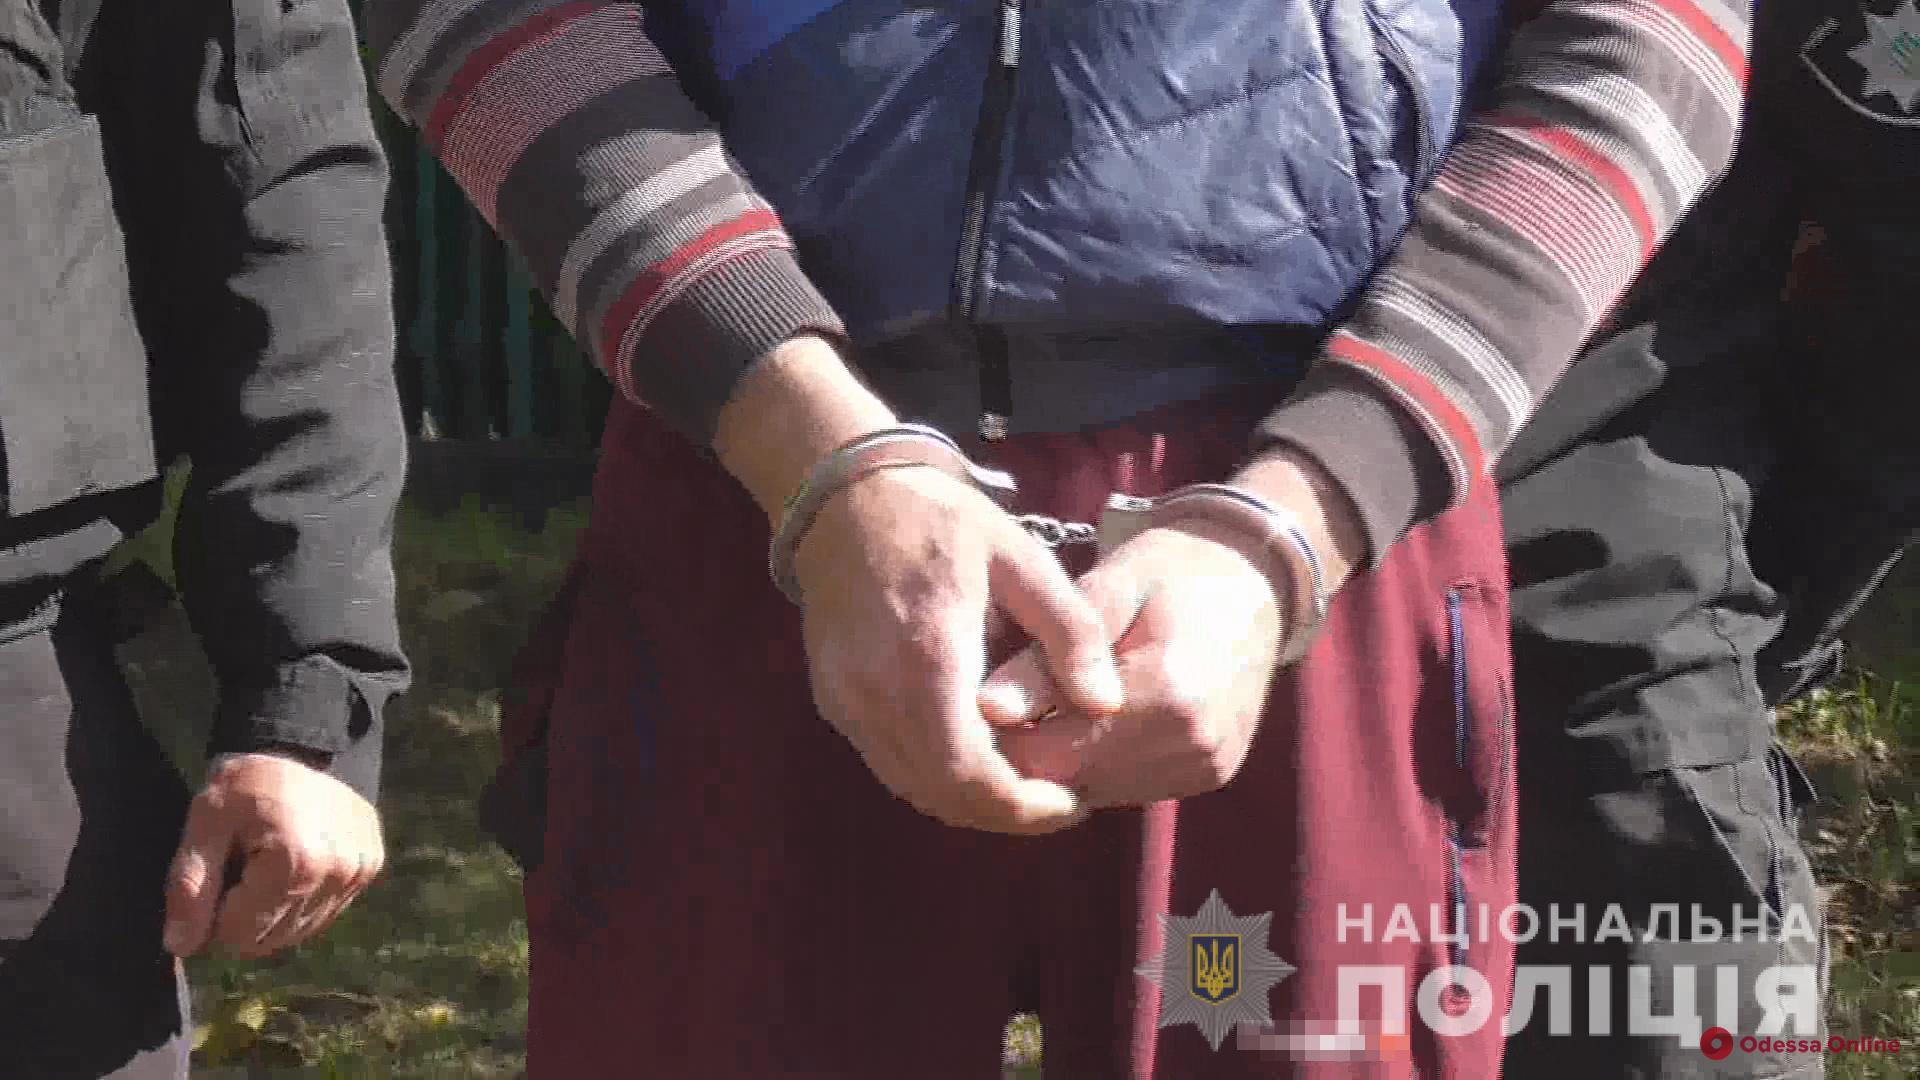 Не отдавал деньги: в Подольске кредитор до смерти избил должника